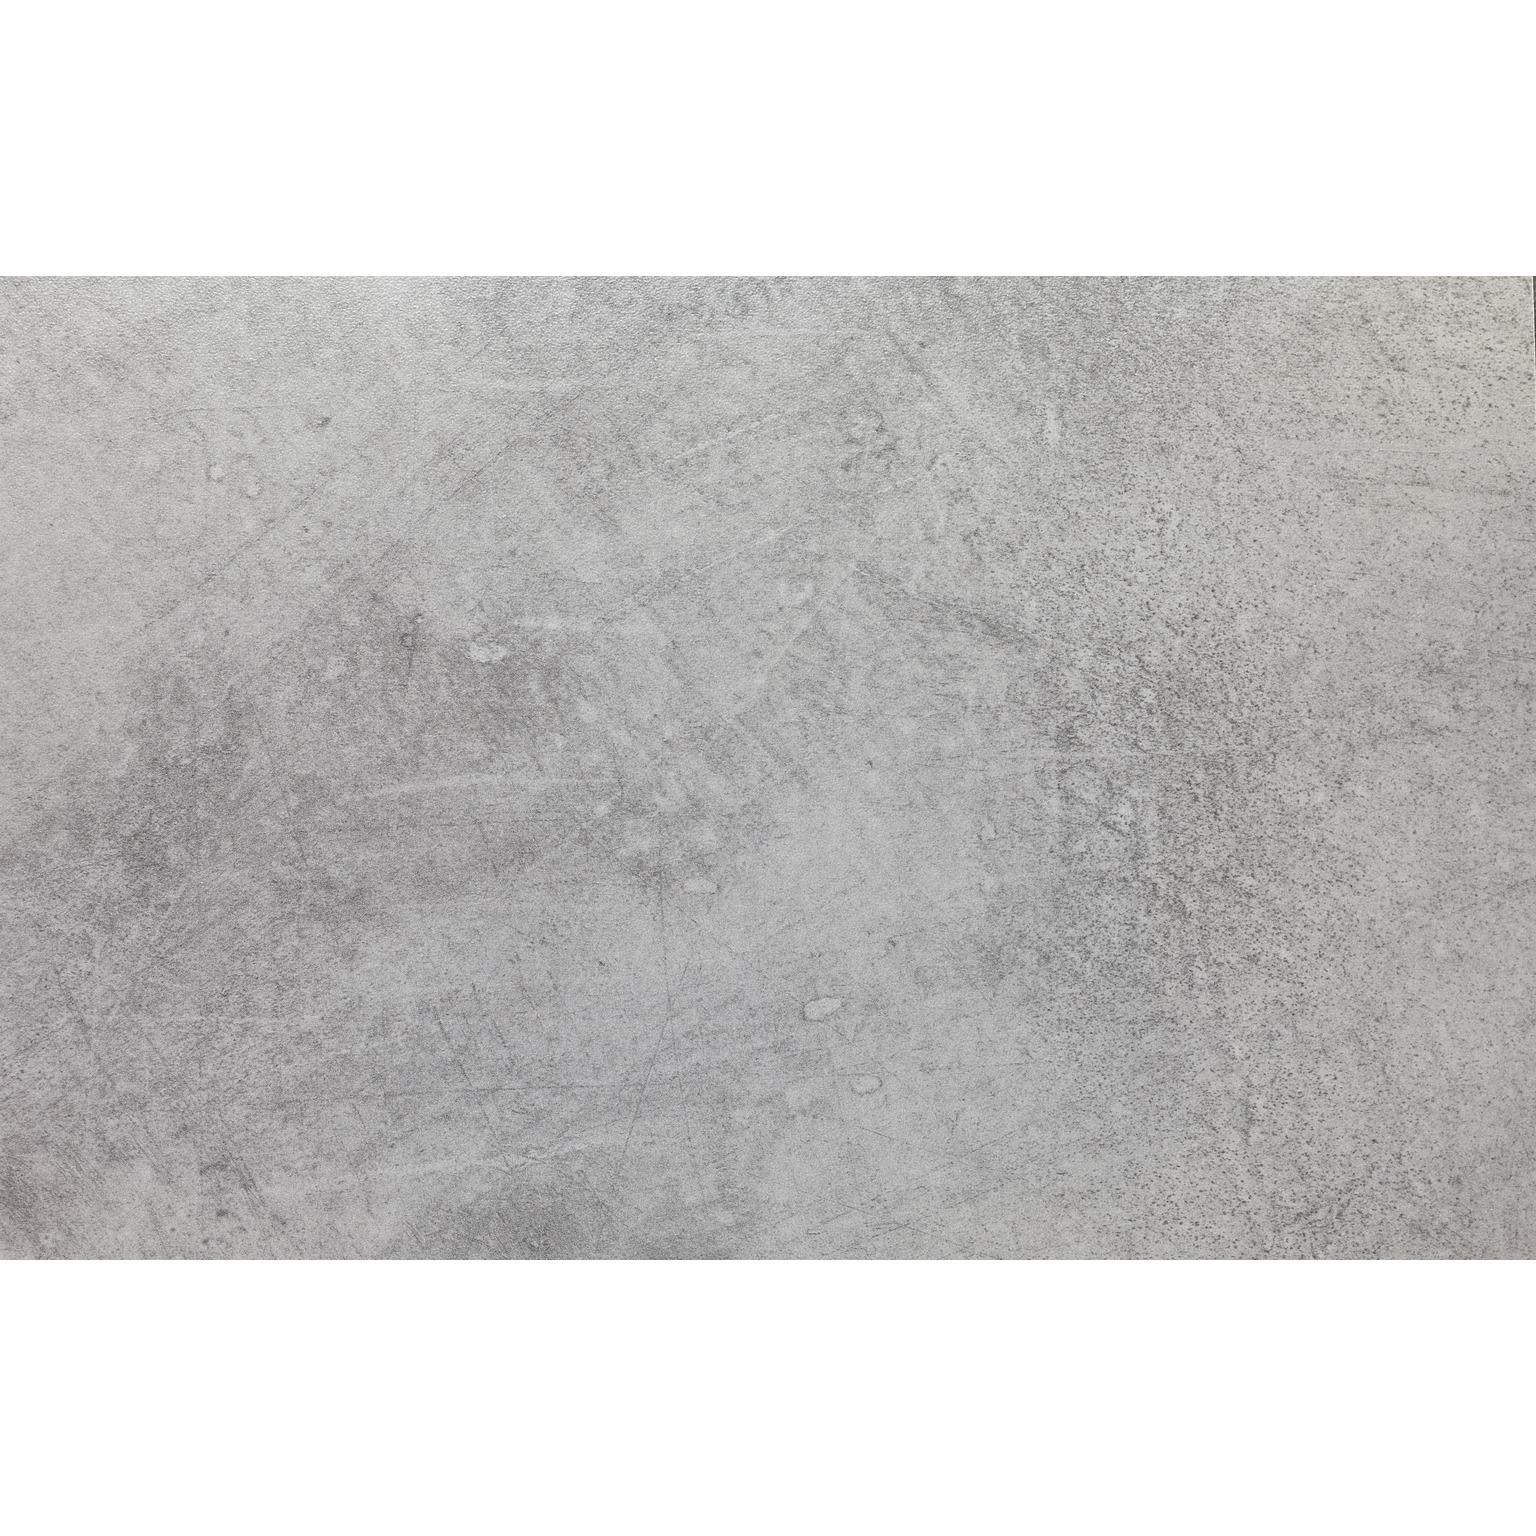 betong stockholm pris